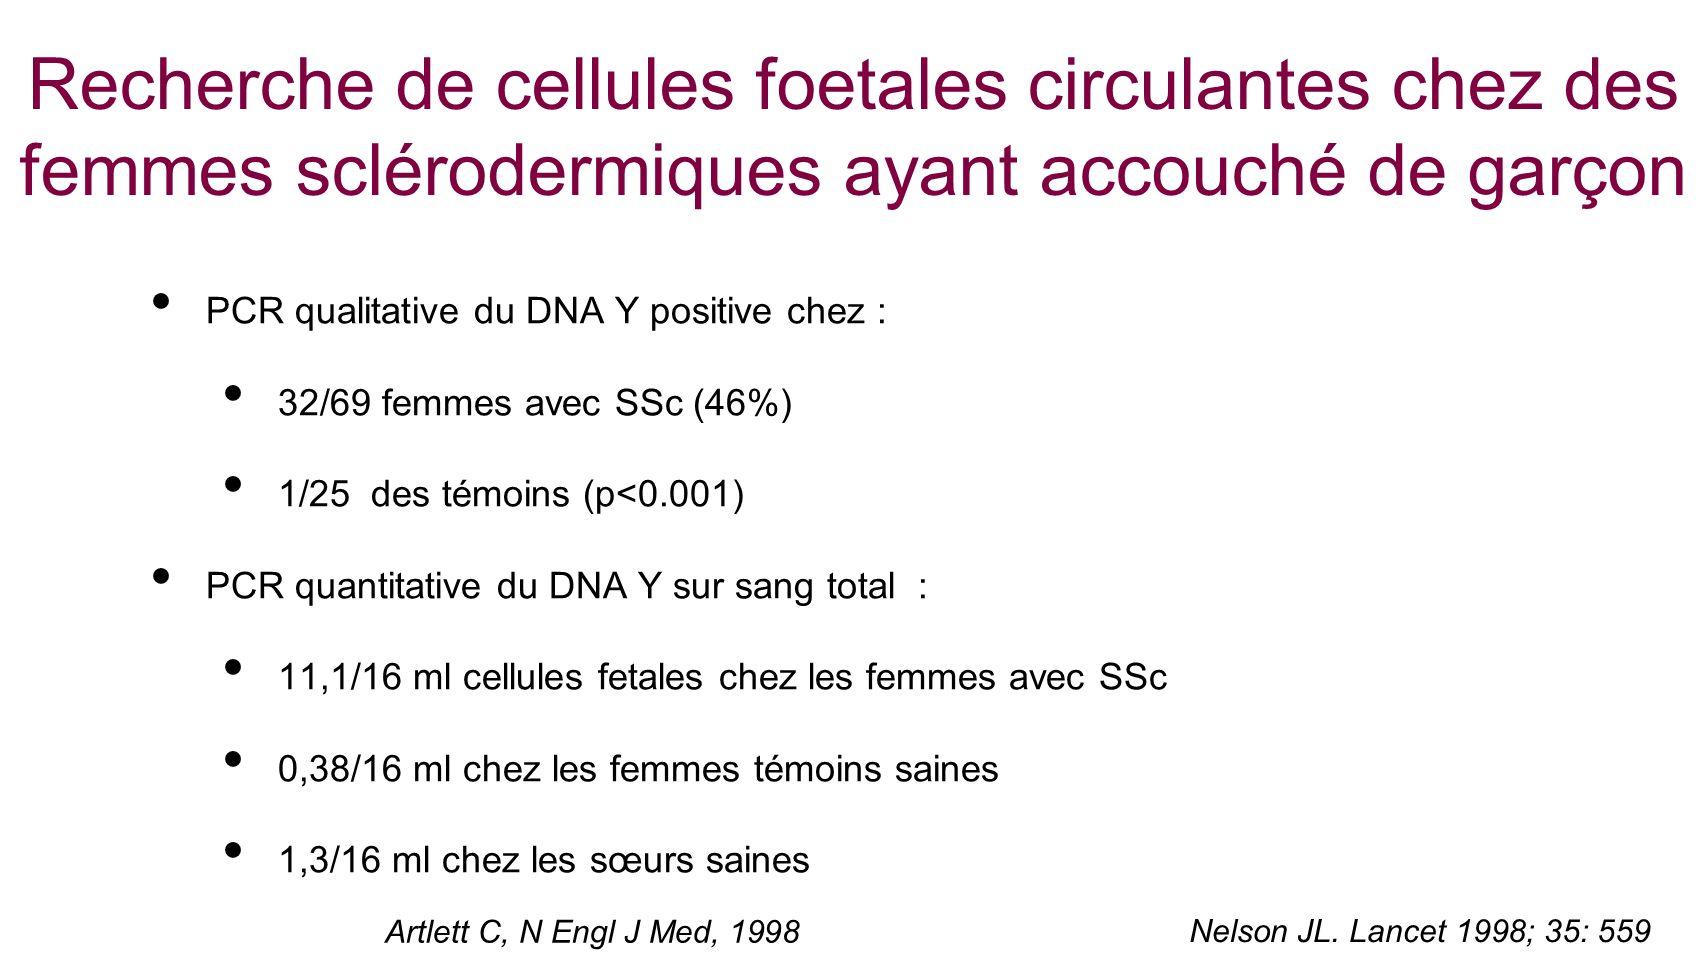 Recherche de cellules foetales circulantes chez des femmes sclérodermiques ayant accouché de garçon